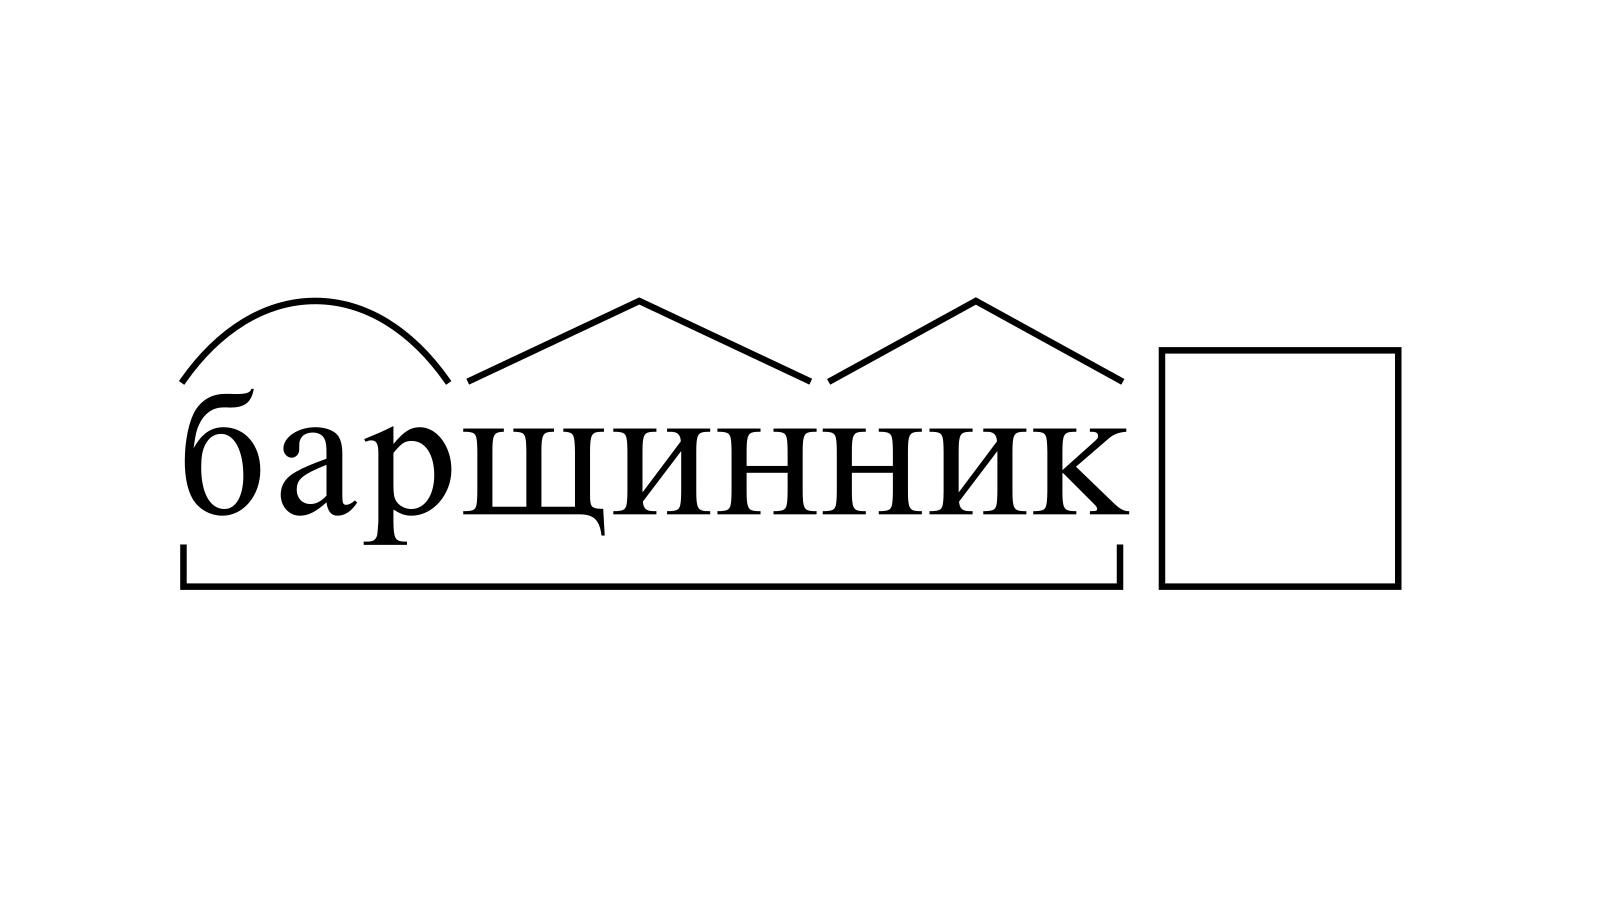 Разбор слова «барщинник» по составу